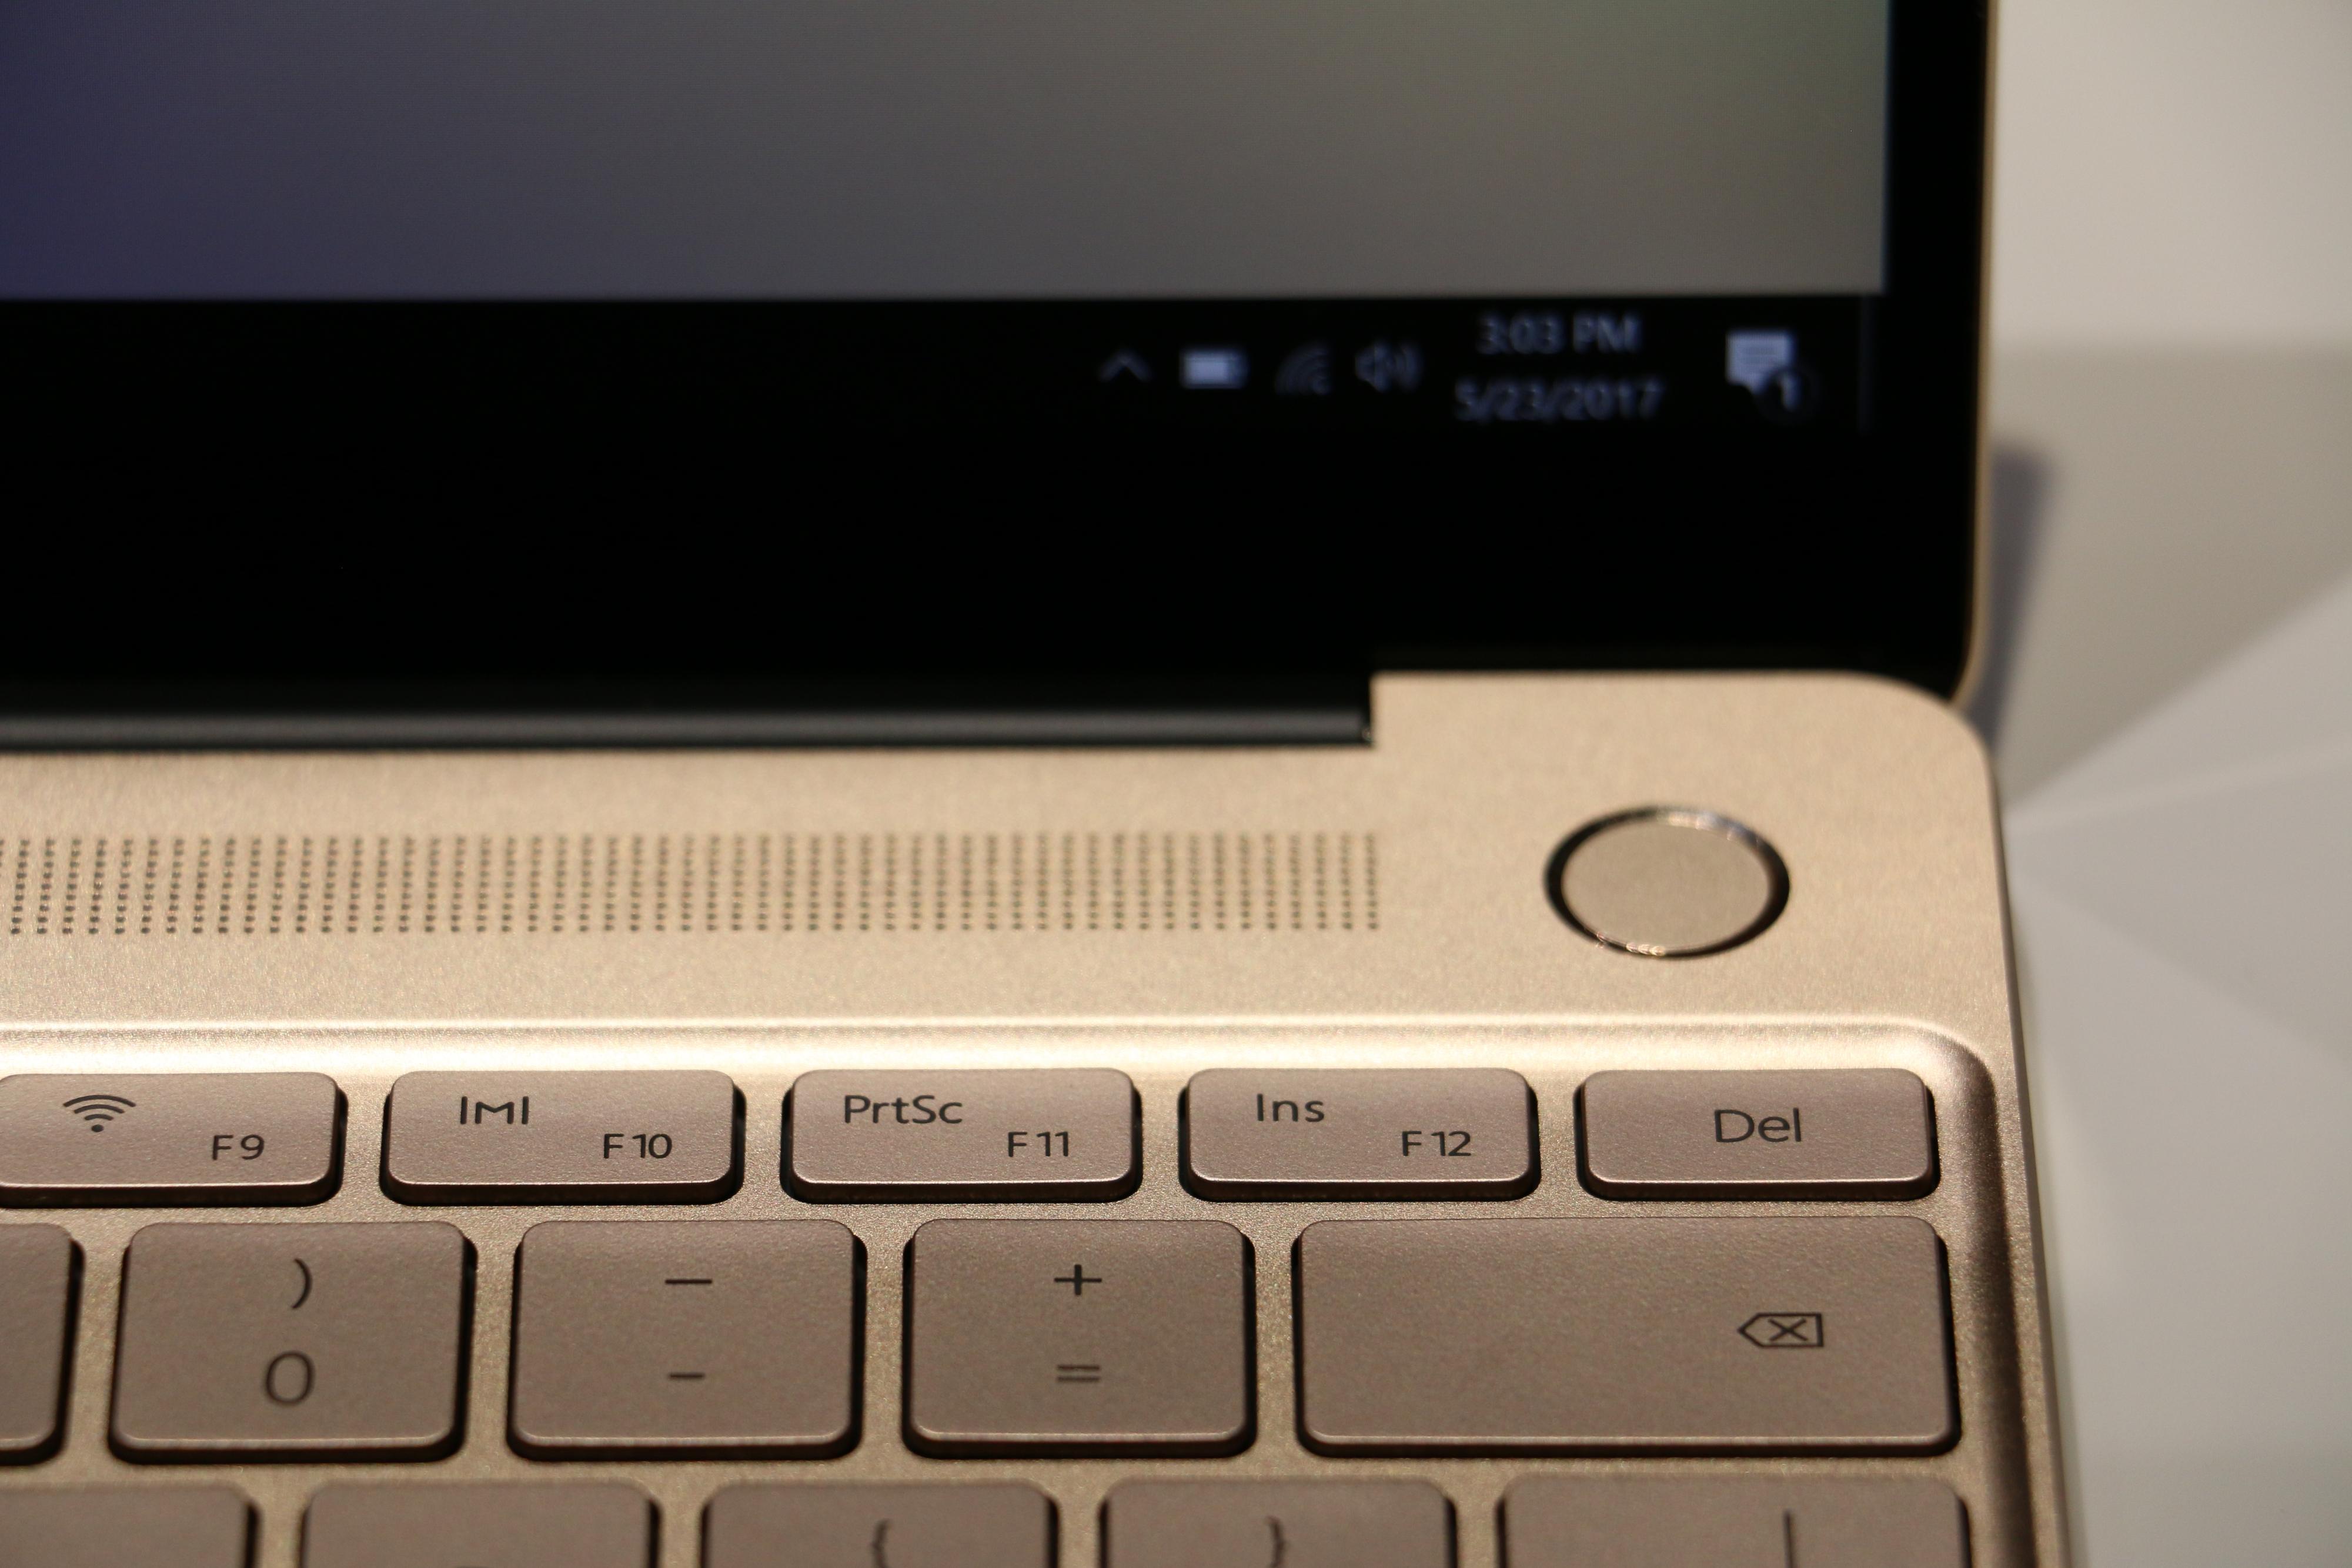 Denne På-knappen skjuler en fingeravtrykkleser.